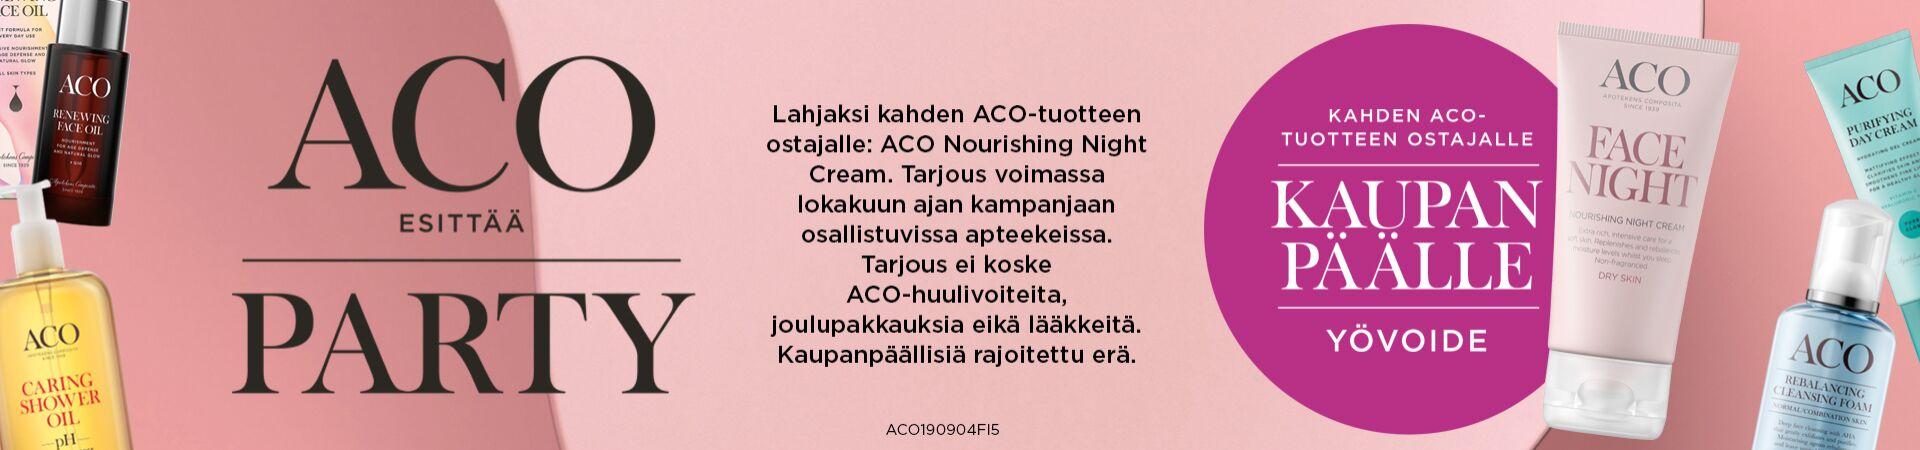 2 Aco tuotteen ostajalle Aco Face night kaupan päälle